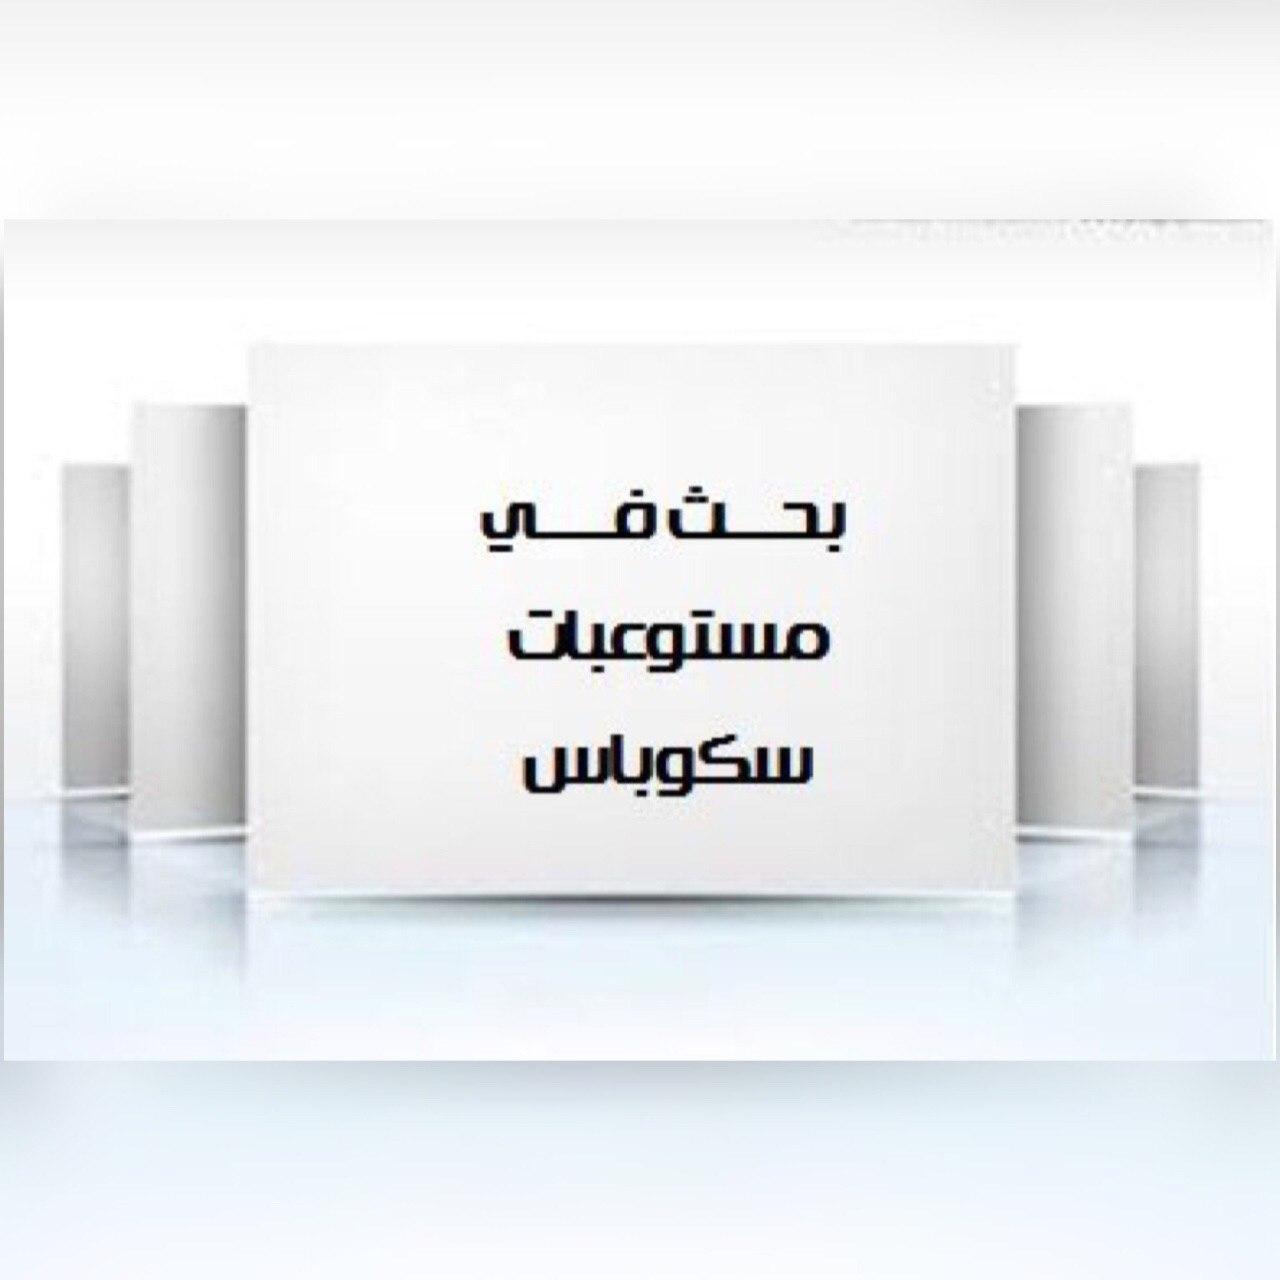 بحث في مستوعبات سكوباس بعنوان( تأثير تفشي فيروس كورونا في الاقتصاد العالمي: حالة العراق)